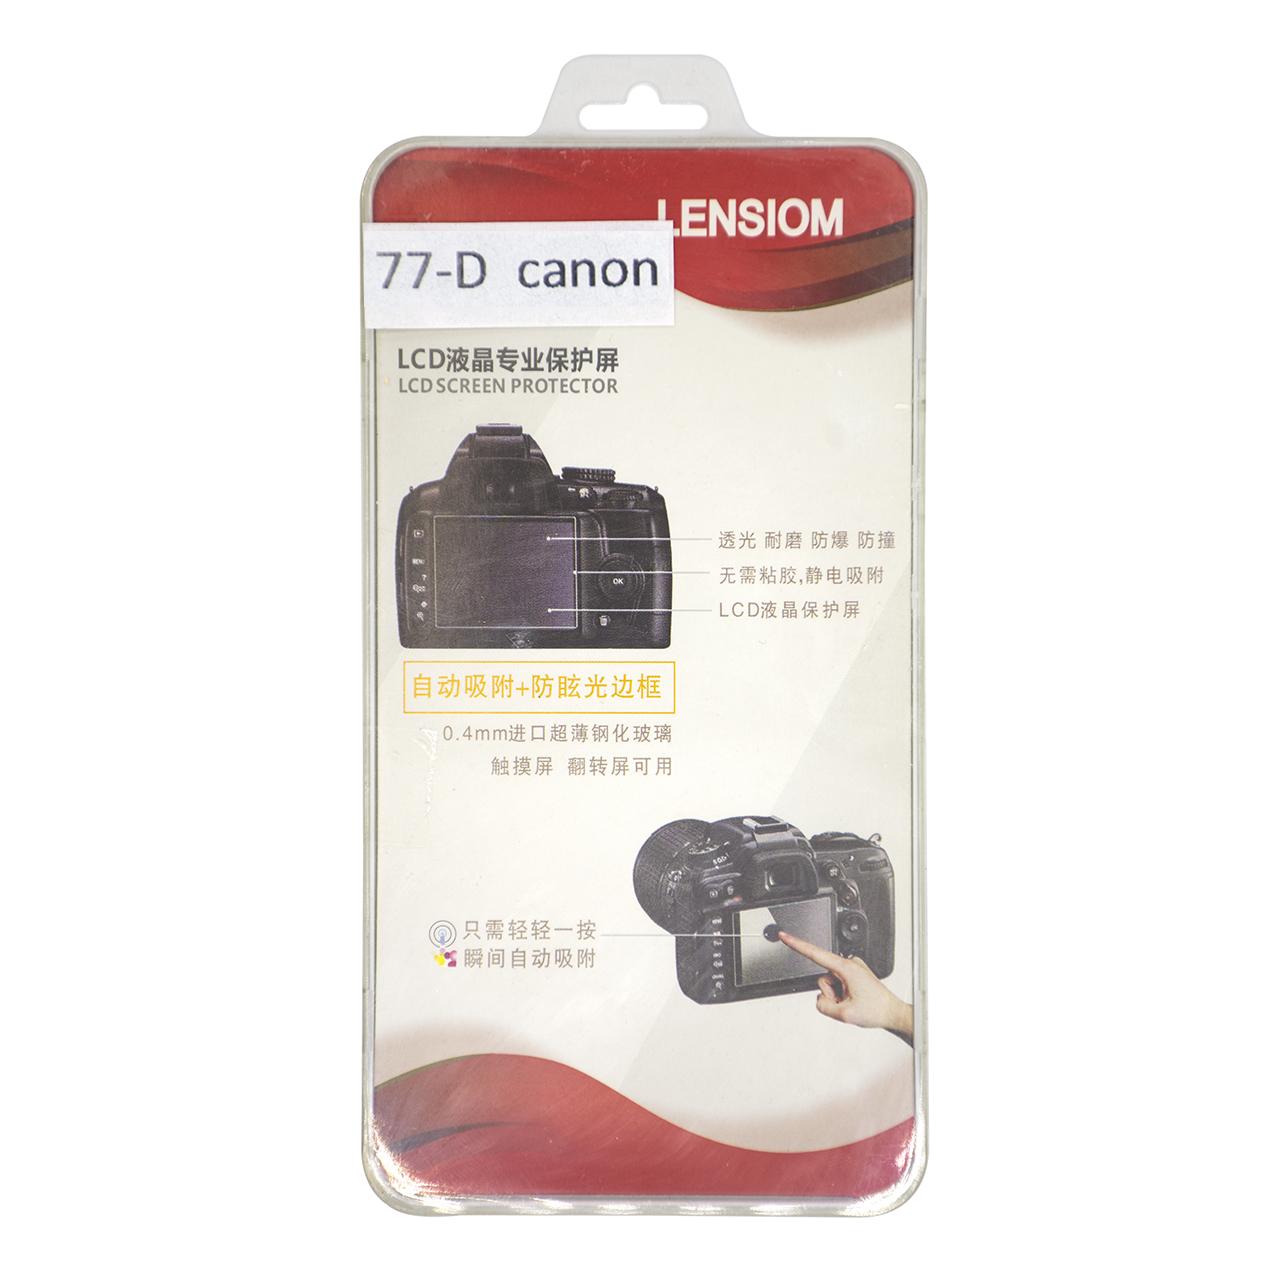 بررسی و {خرید با تخفیف} محافظ صفحه نمایش دوربین لنزیوم مدل L77D مناسب برای کانن 77D اصل